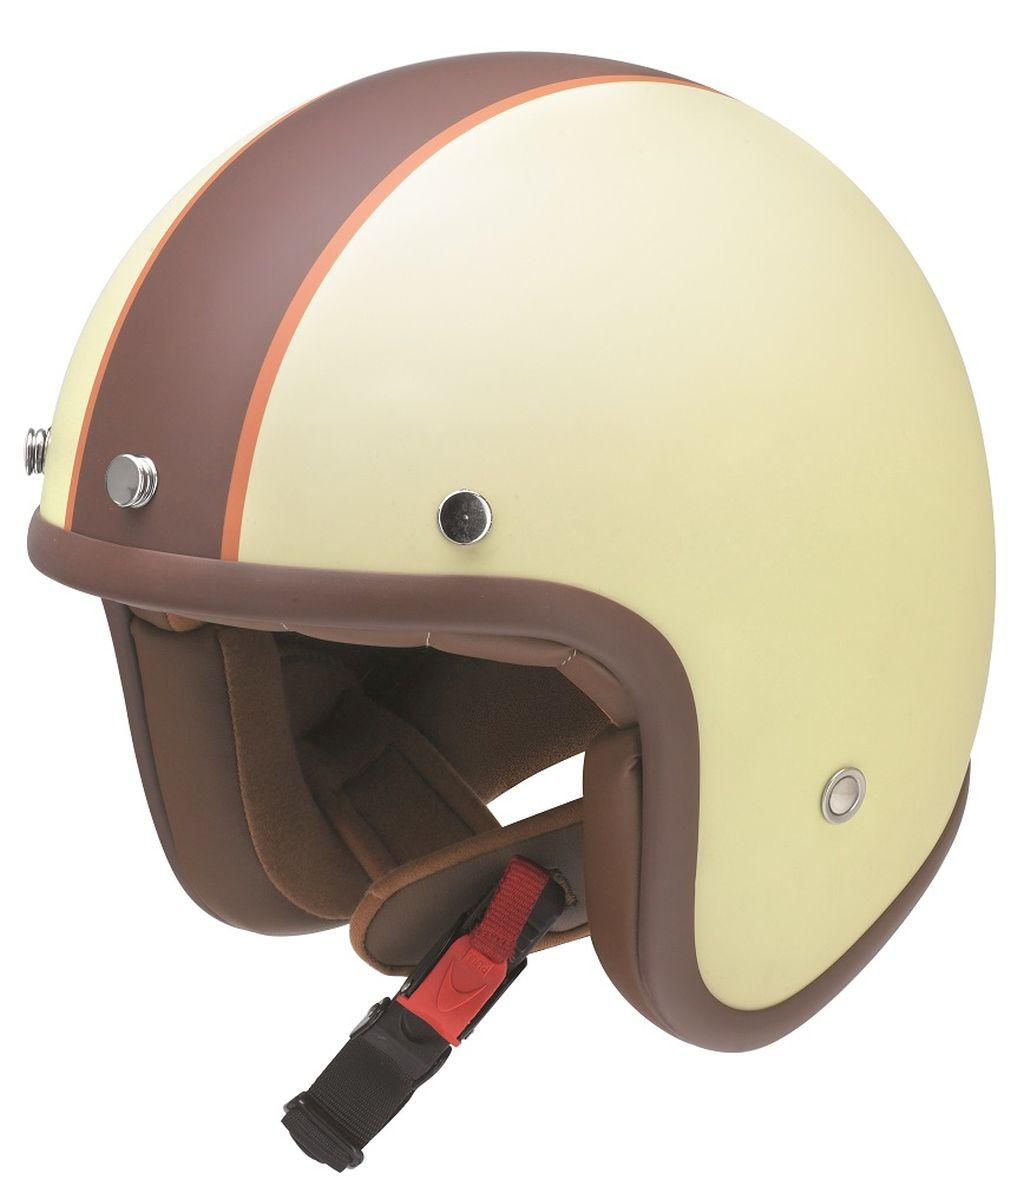 Redbike Motorrad Helm Jethelm Kochmann Vanilla RB 754 matt-elfenbein braun XS-XXL